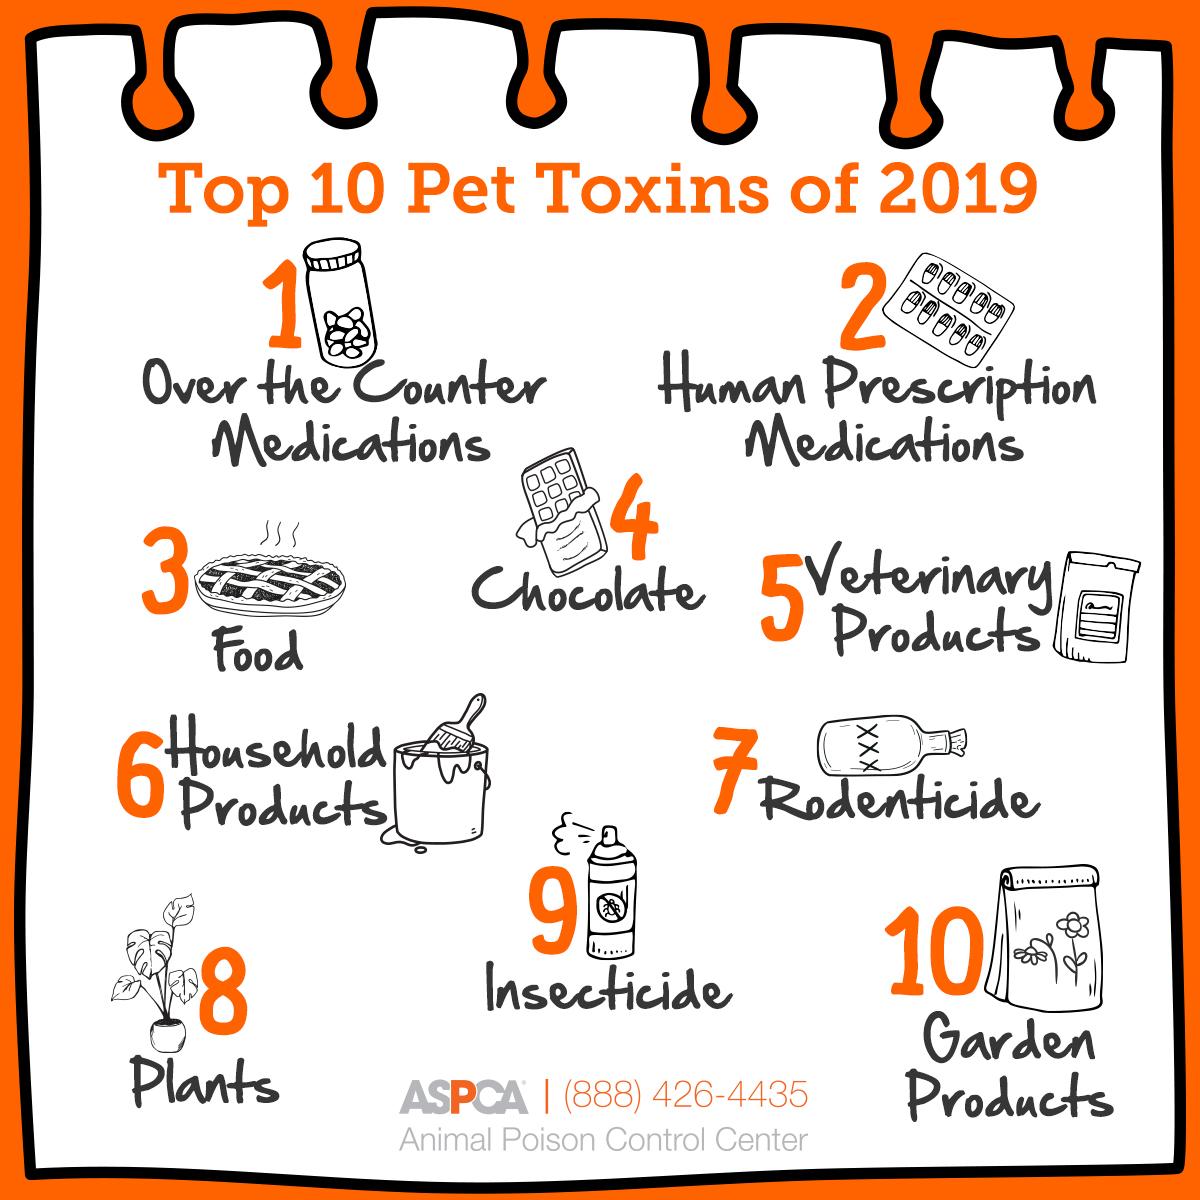 Top 10 toxins